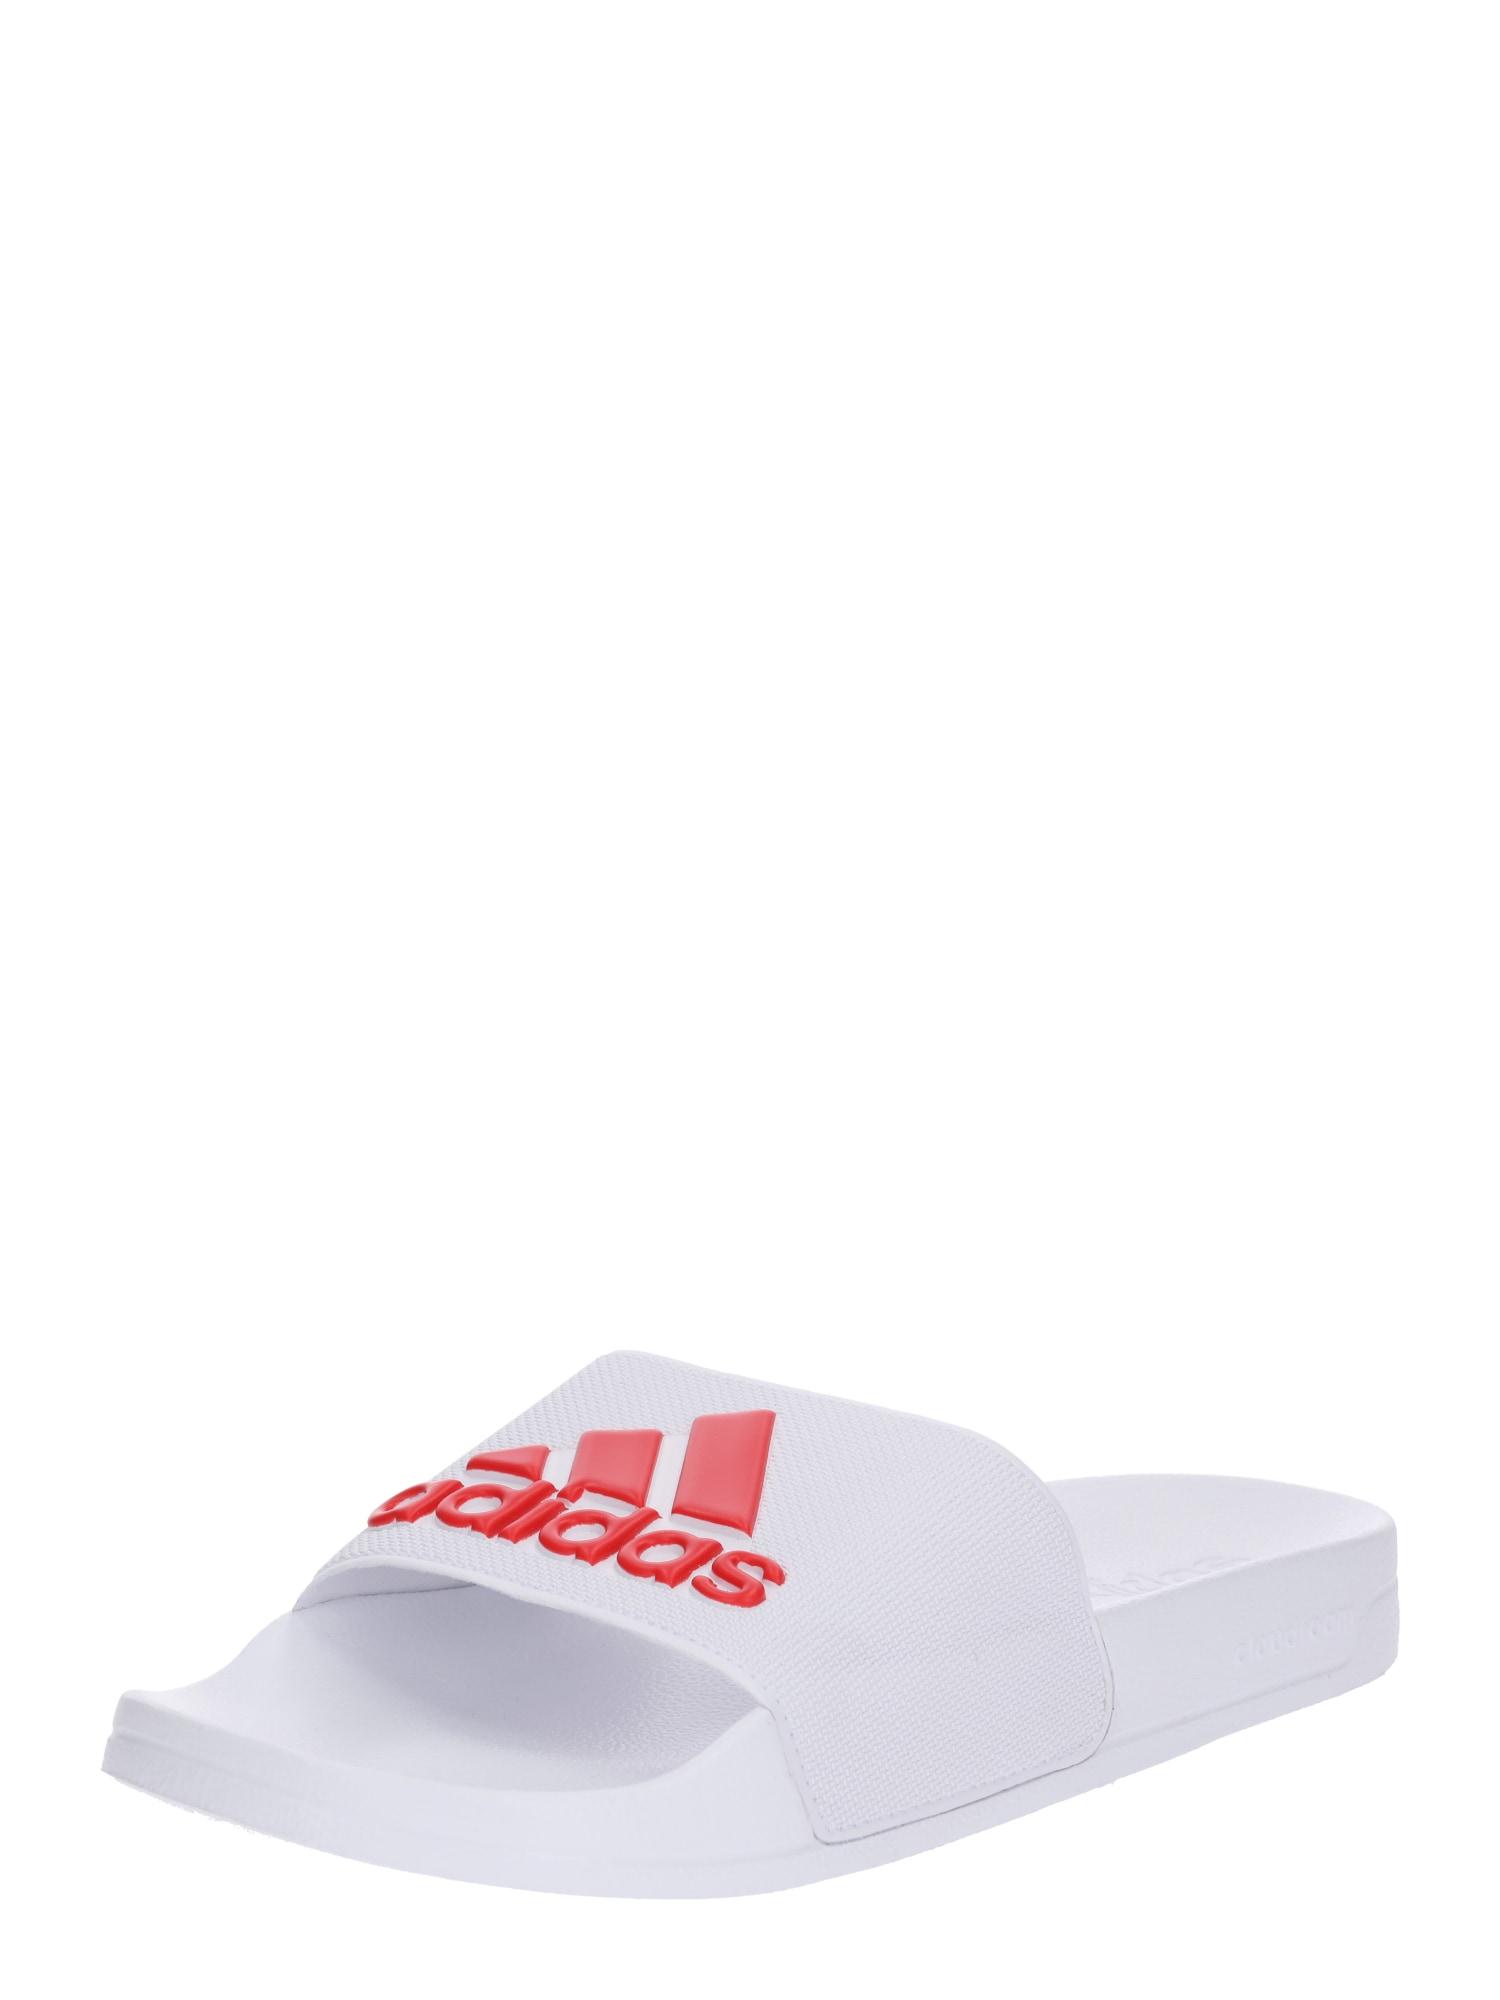 Plážovákoupací obuv ADILETTE SHOWER červená bílá ADIDAS PERFORMANCE